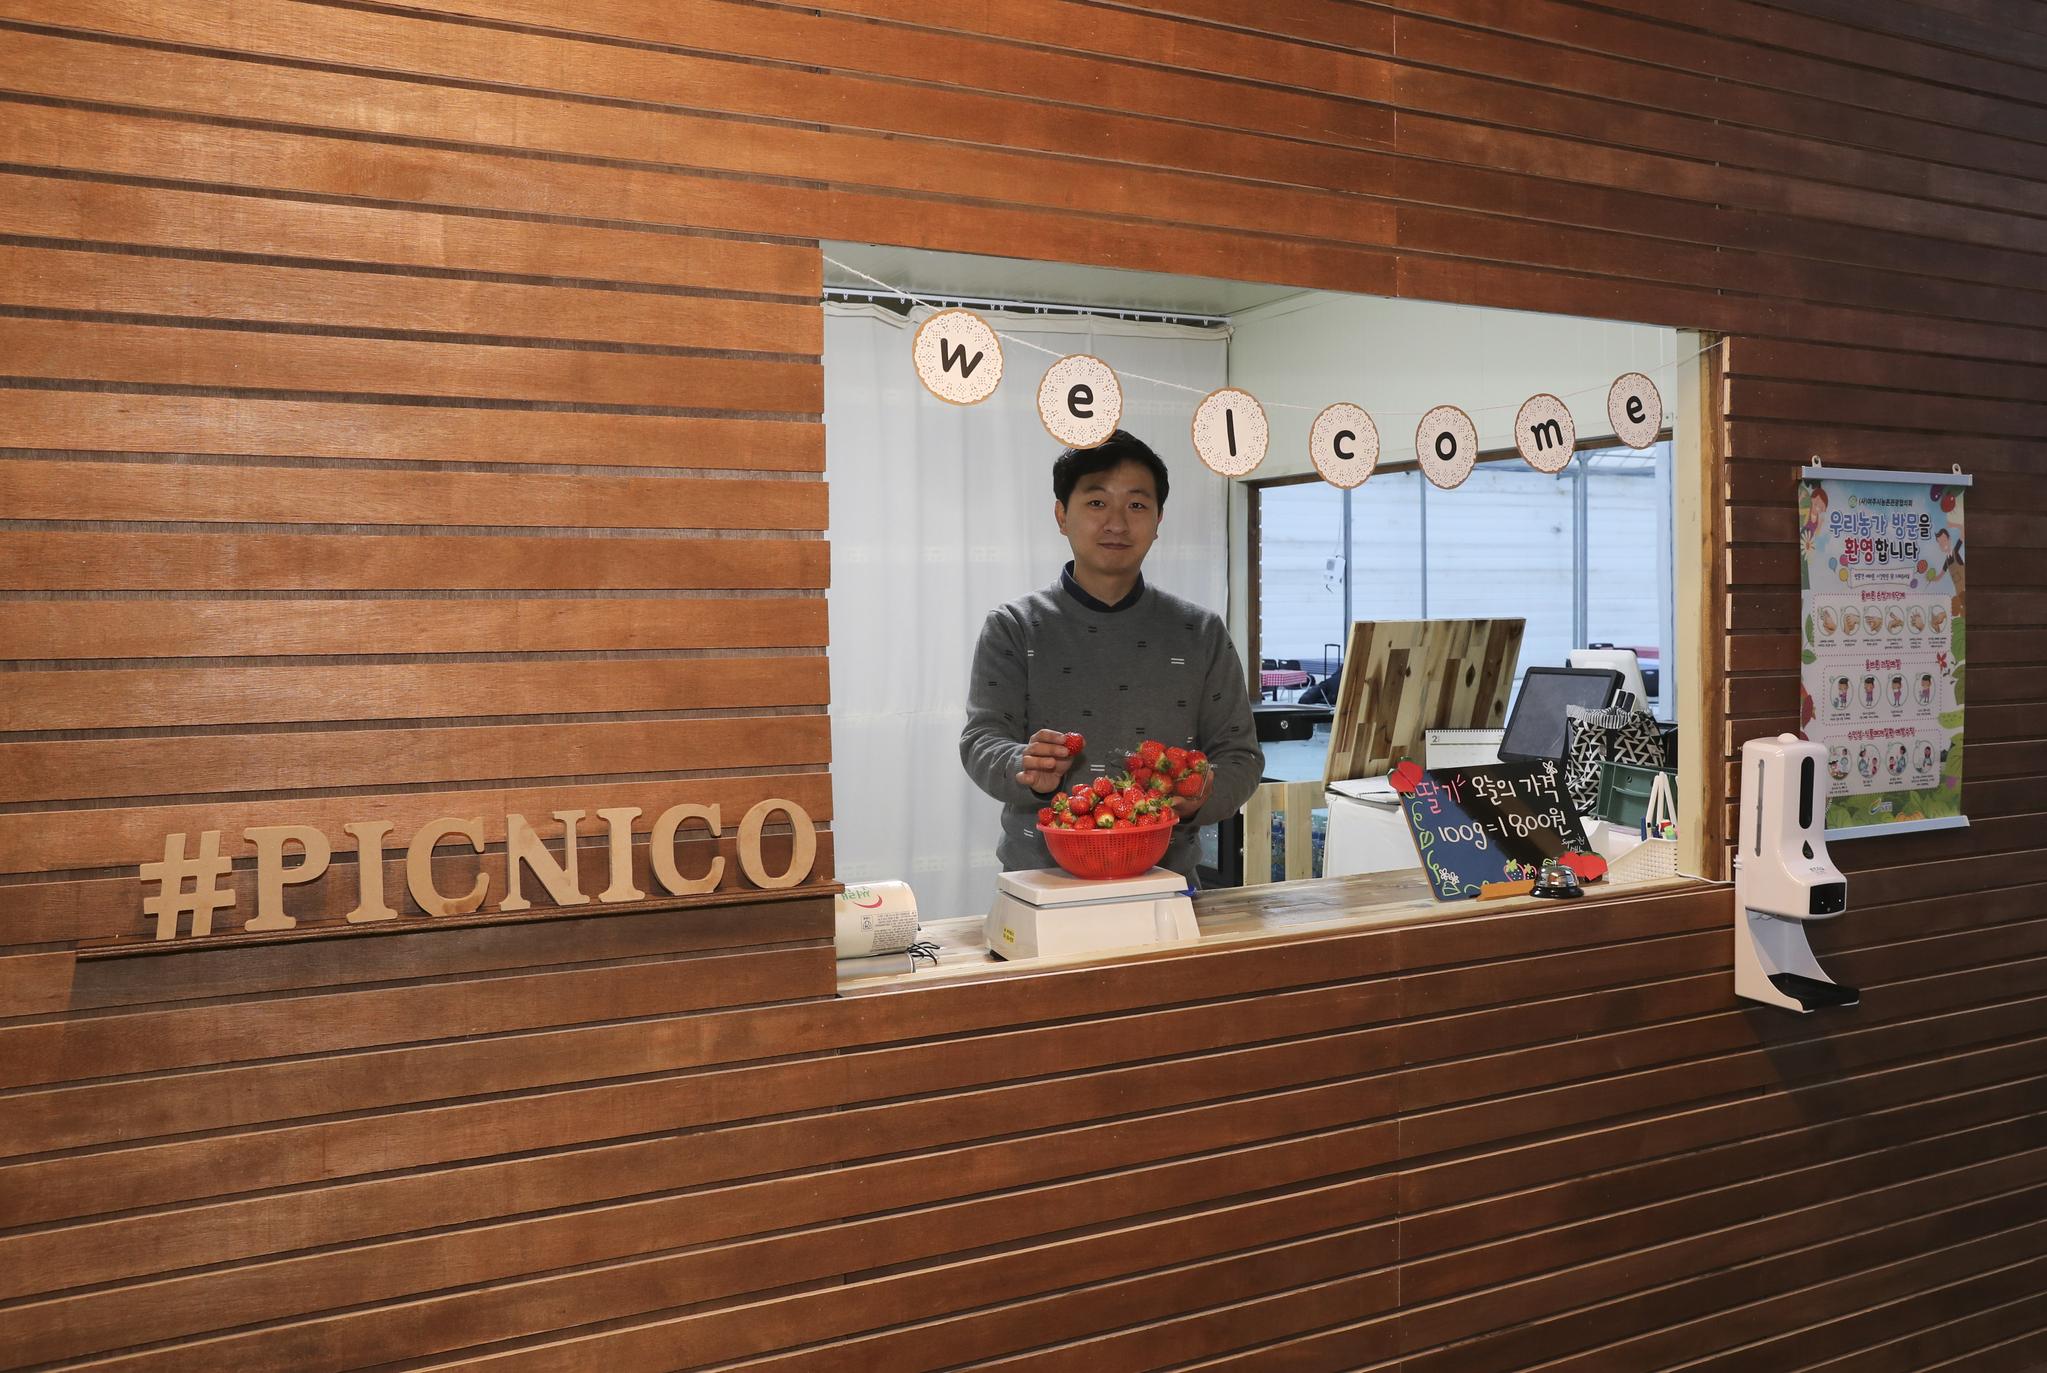 딸기농장 입구에서 손님을 맞는 오성일 '피크니코' 대표. 직접 수확한 딸기를 바로 씻어 먹거나 포장해 갈 수 있다. 임현동 기자